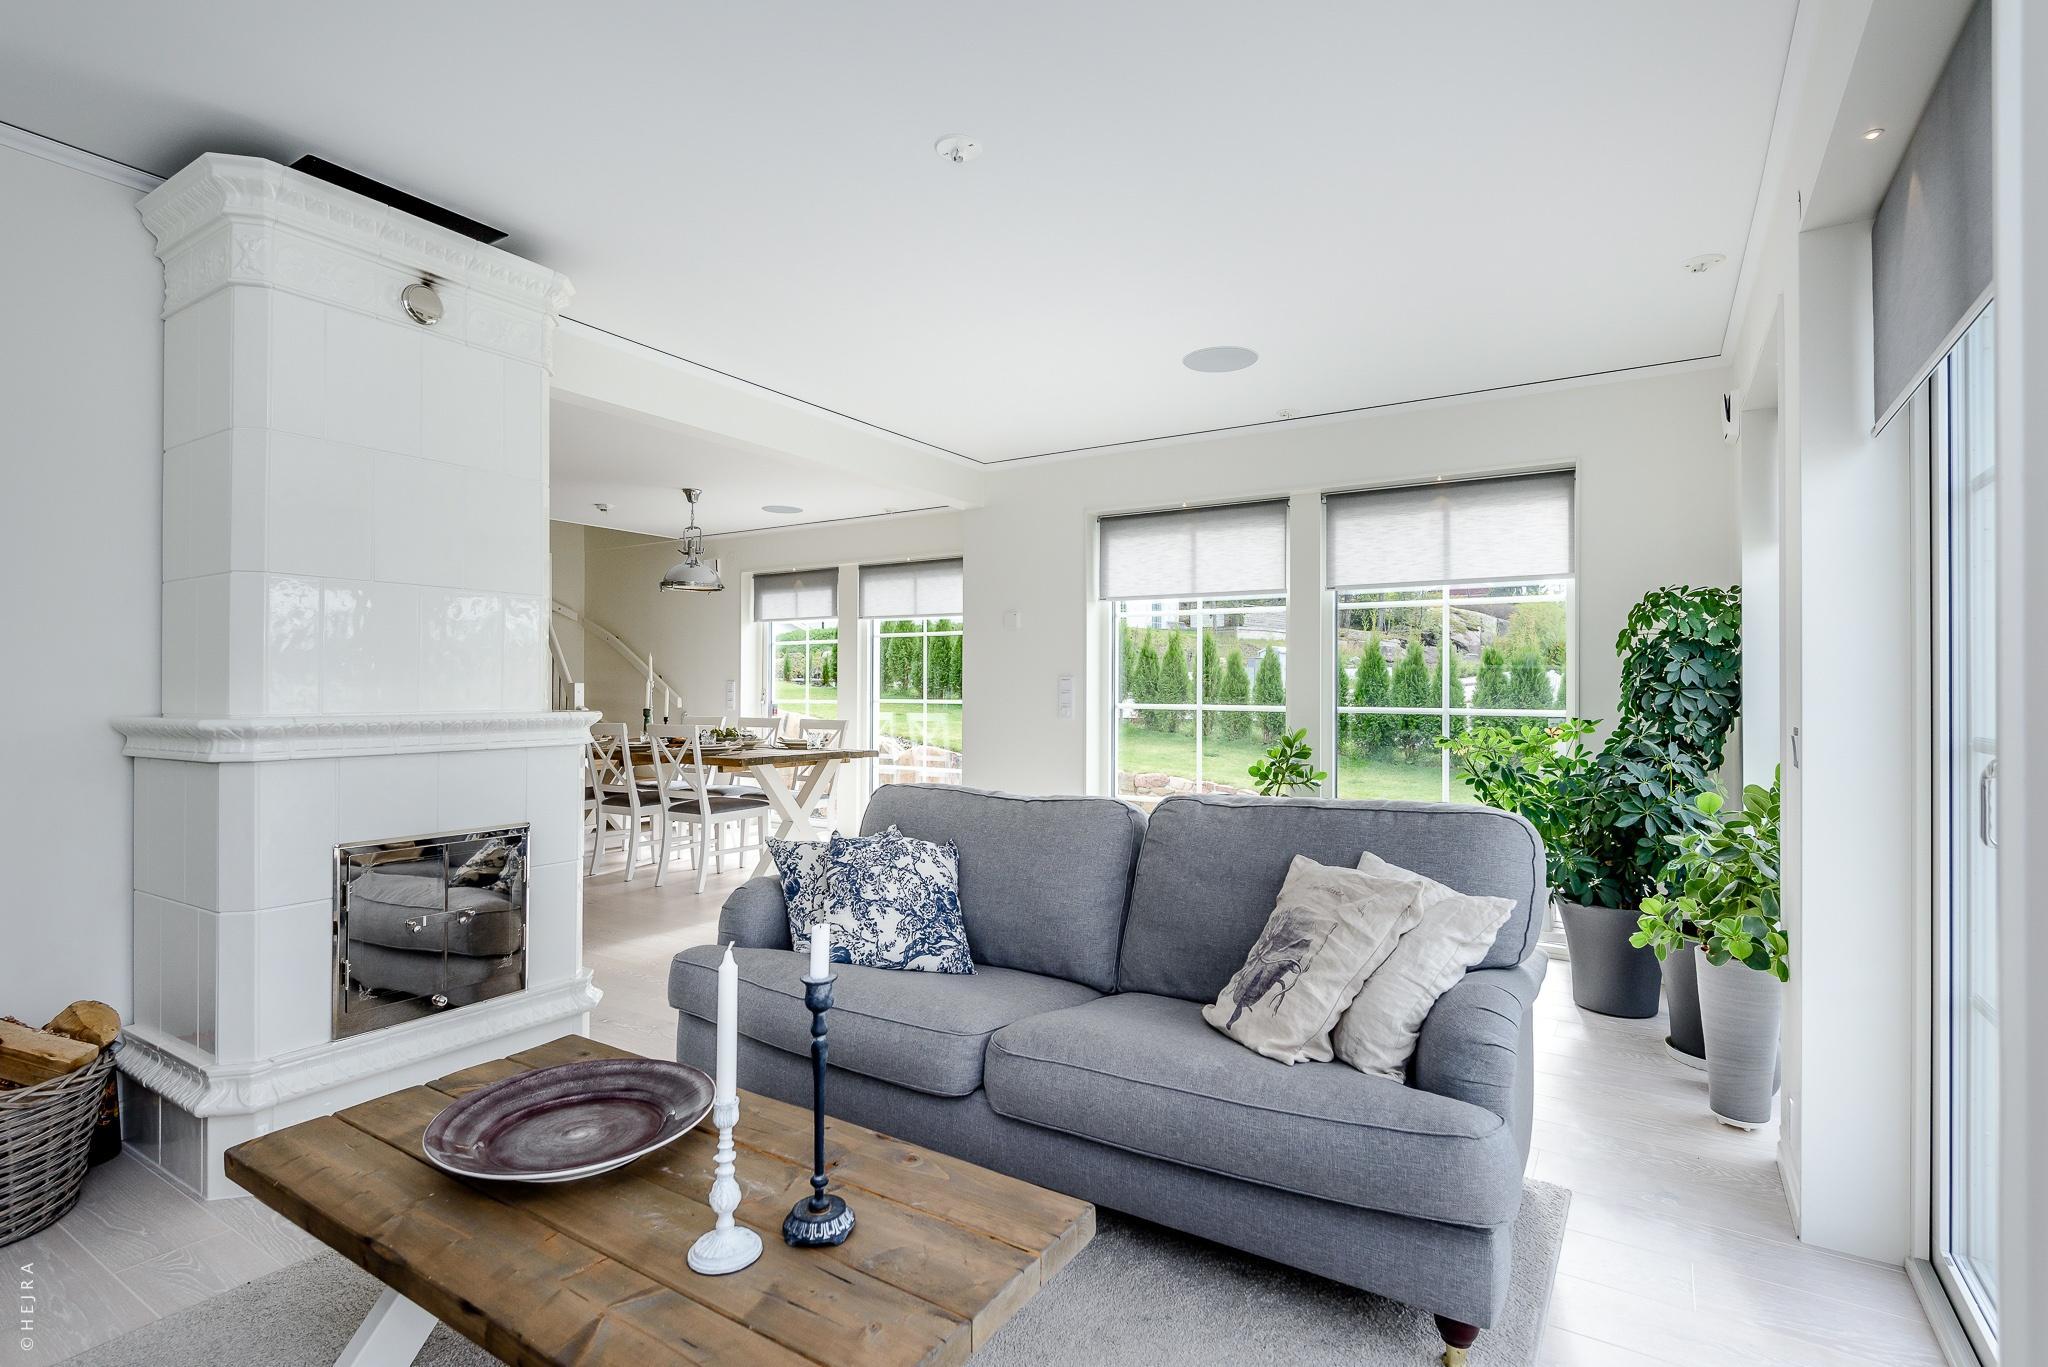 гостиная серый диван столик израсцовая печь комнатные растения корзина дрова